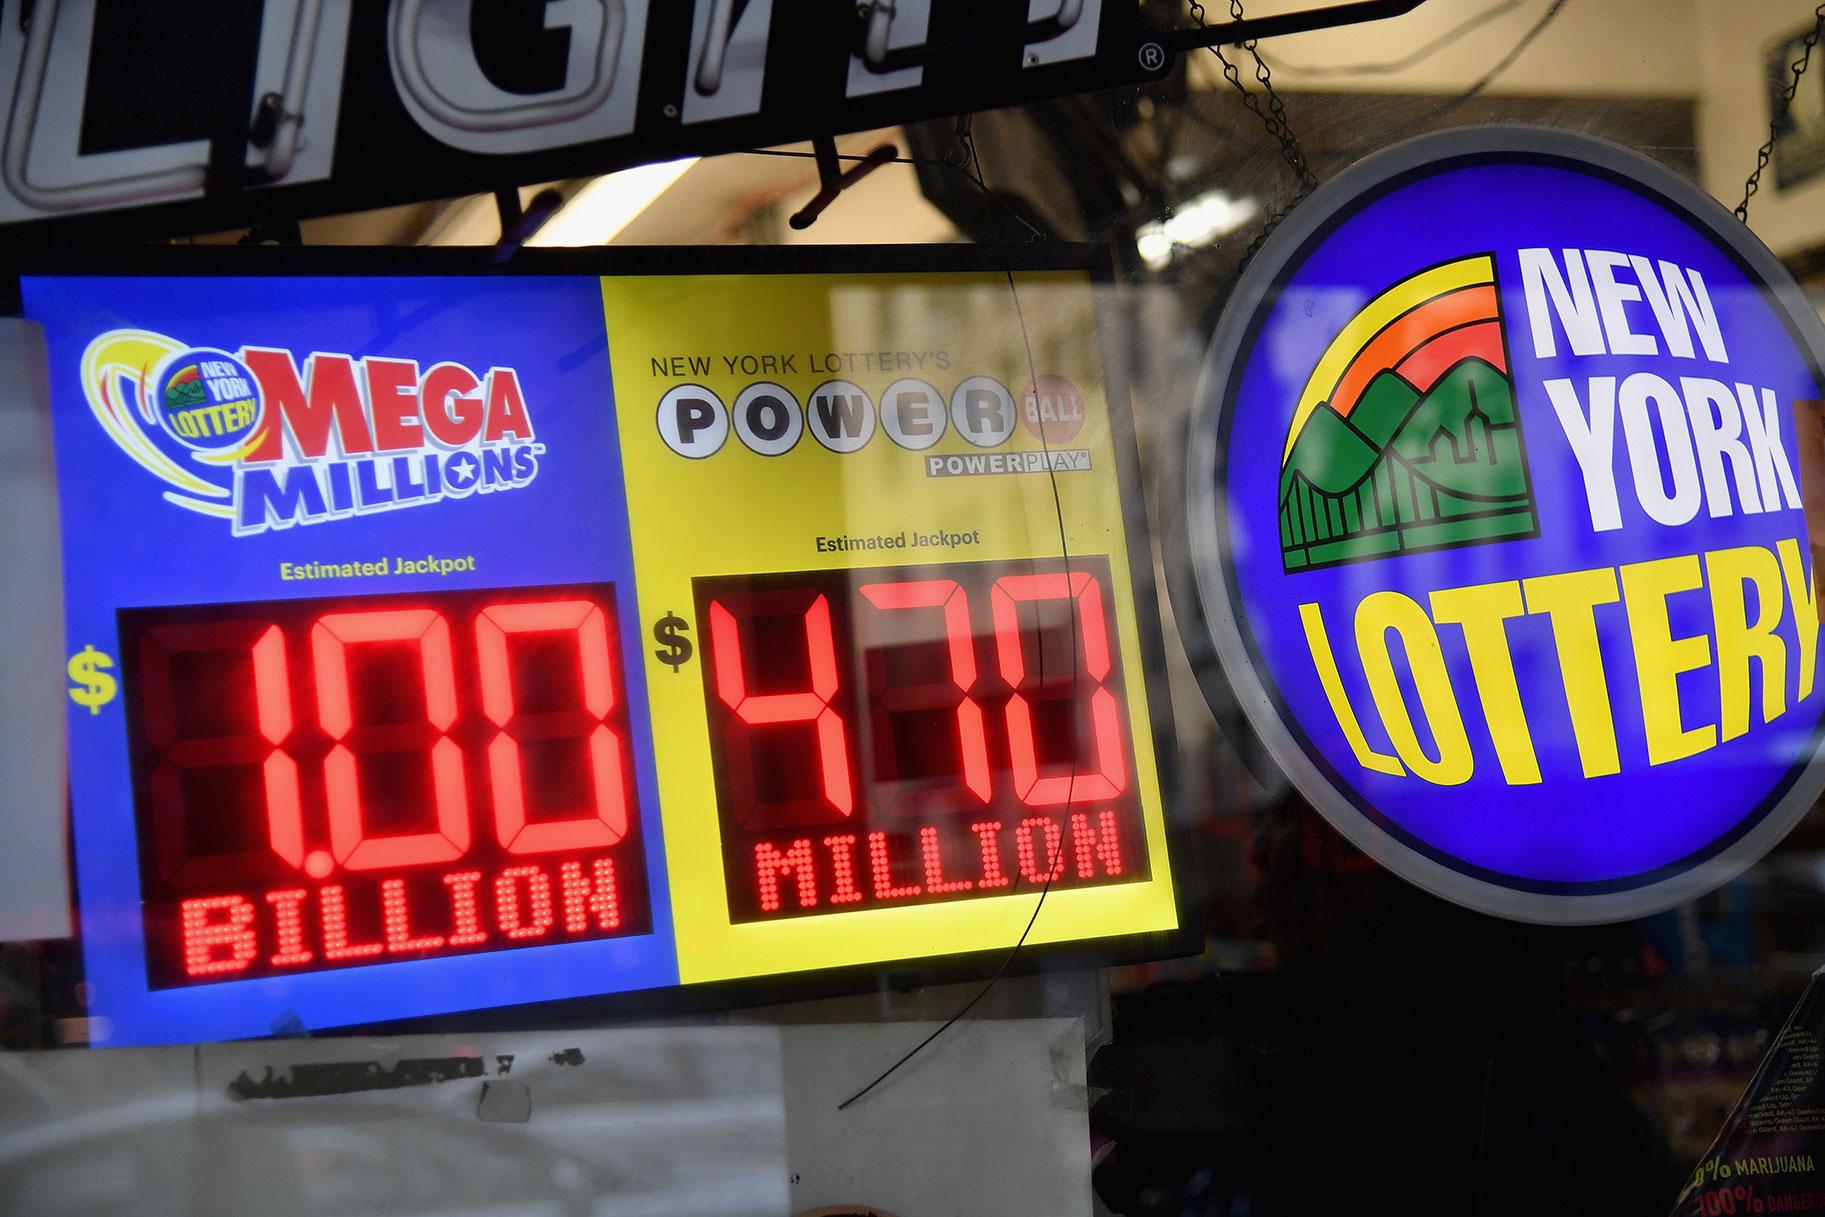 'Lottery Lawyer' dan rakan sekerja Mob yang dituduh menipu $ 107 juta daripada pemenang Jackpot